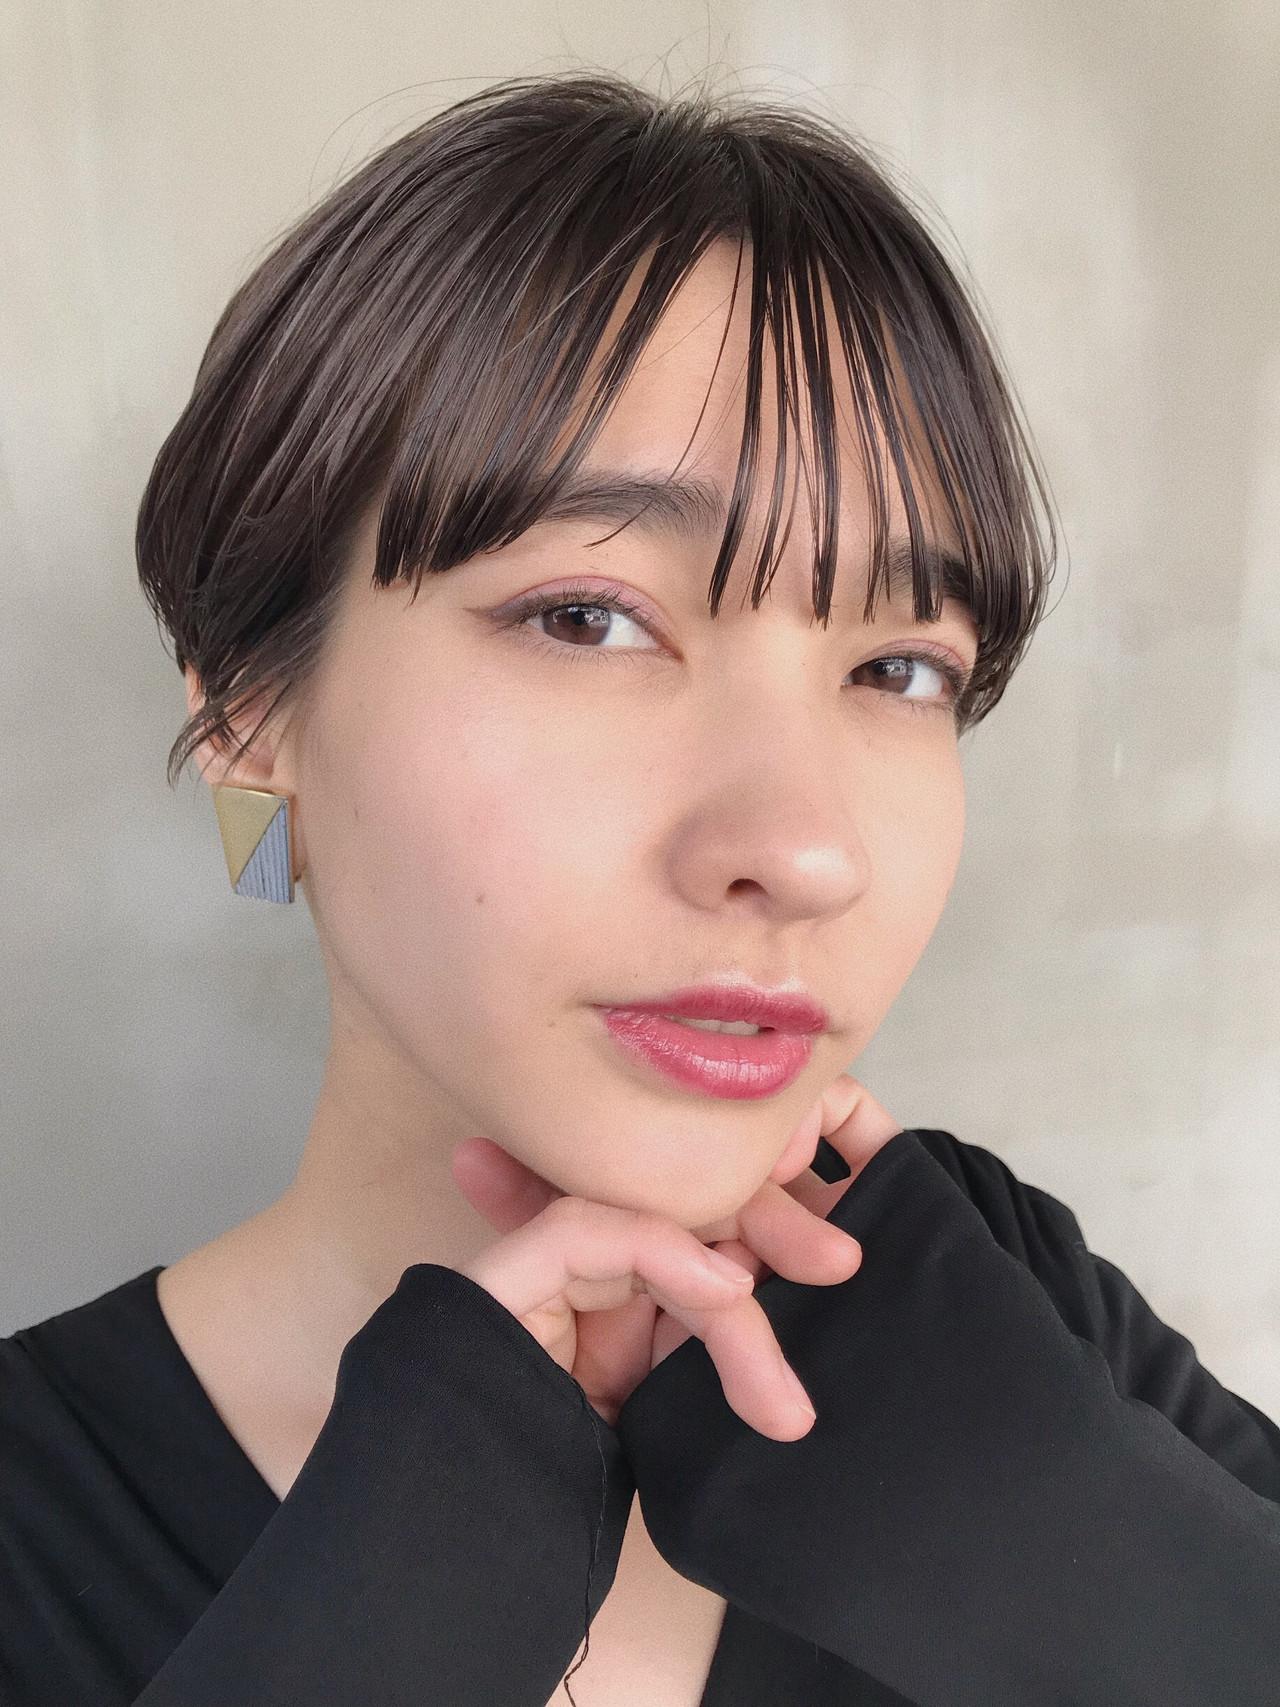 黒髪 ハンサムショート ショート モード ヘアスタイルや髪型の写真・画像 | 小西敬二郎 / Heartim